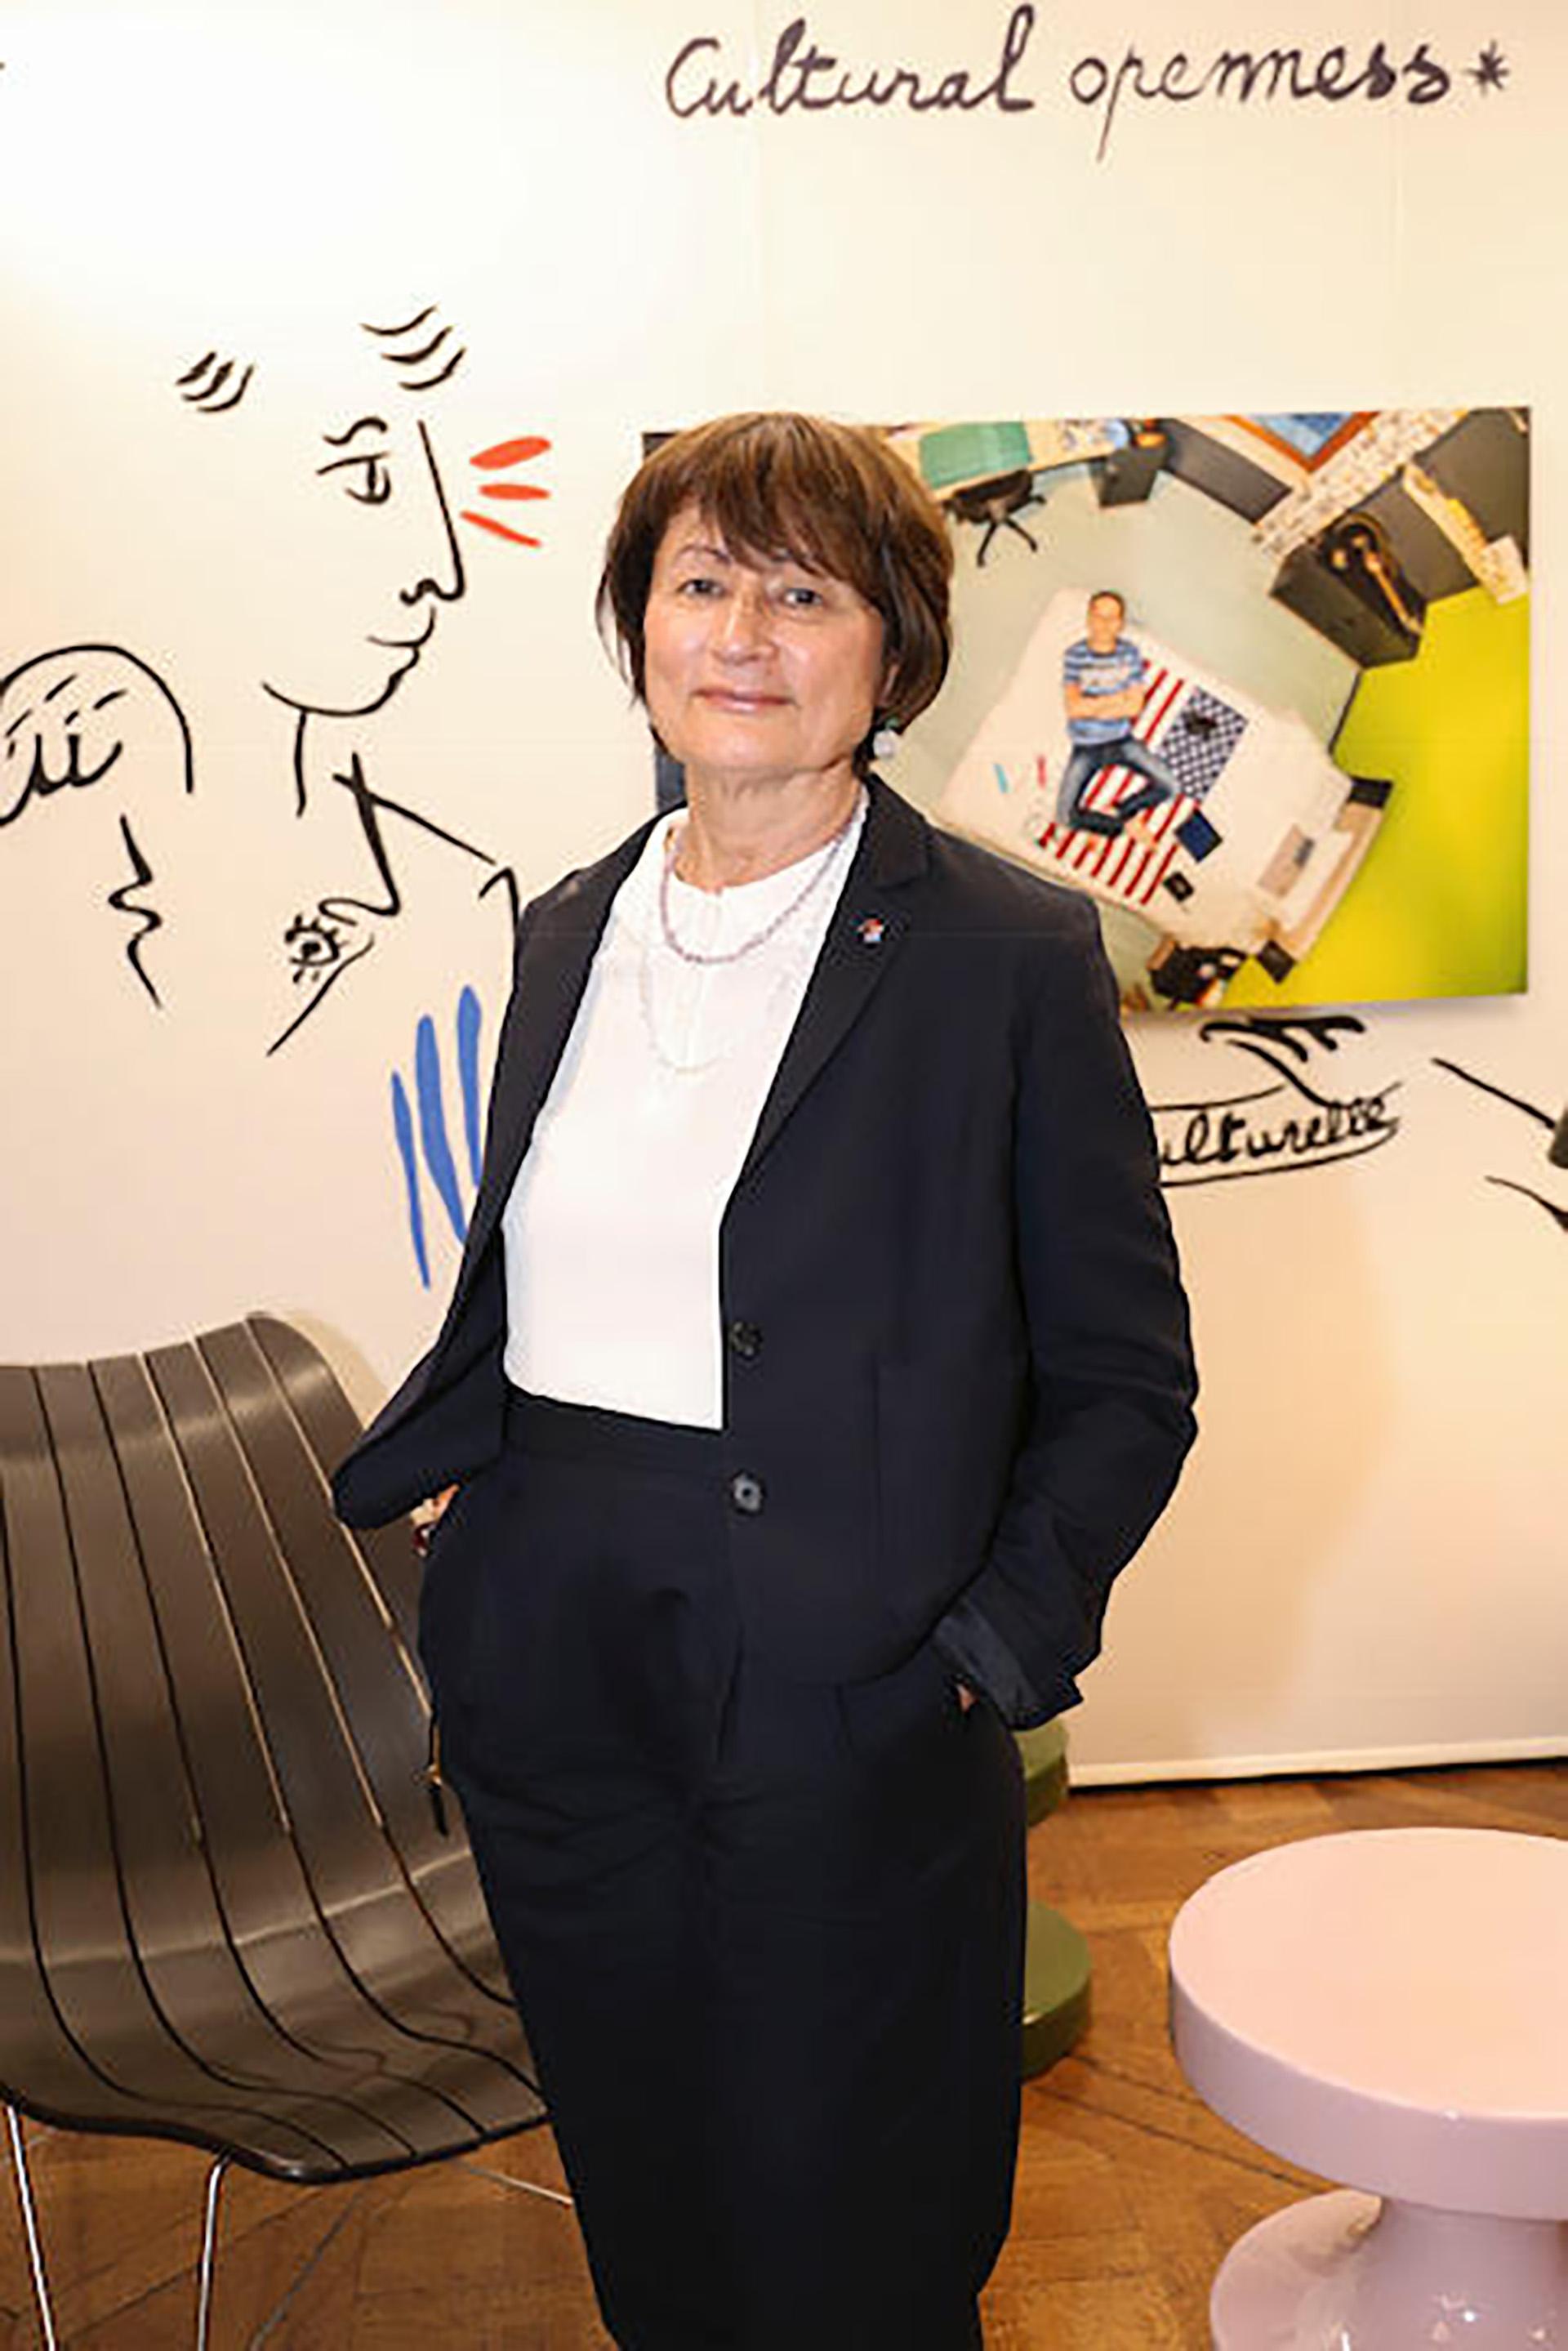 Catherine Millet, escritora francesa, crítica cultural y fundadora de Art Press, una de las revistas de arte más influyentes de Francia